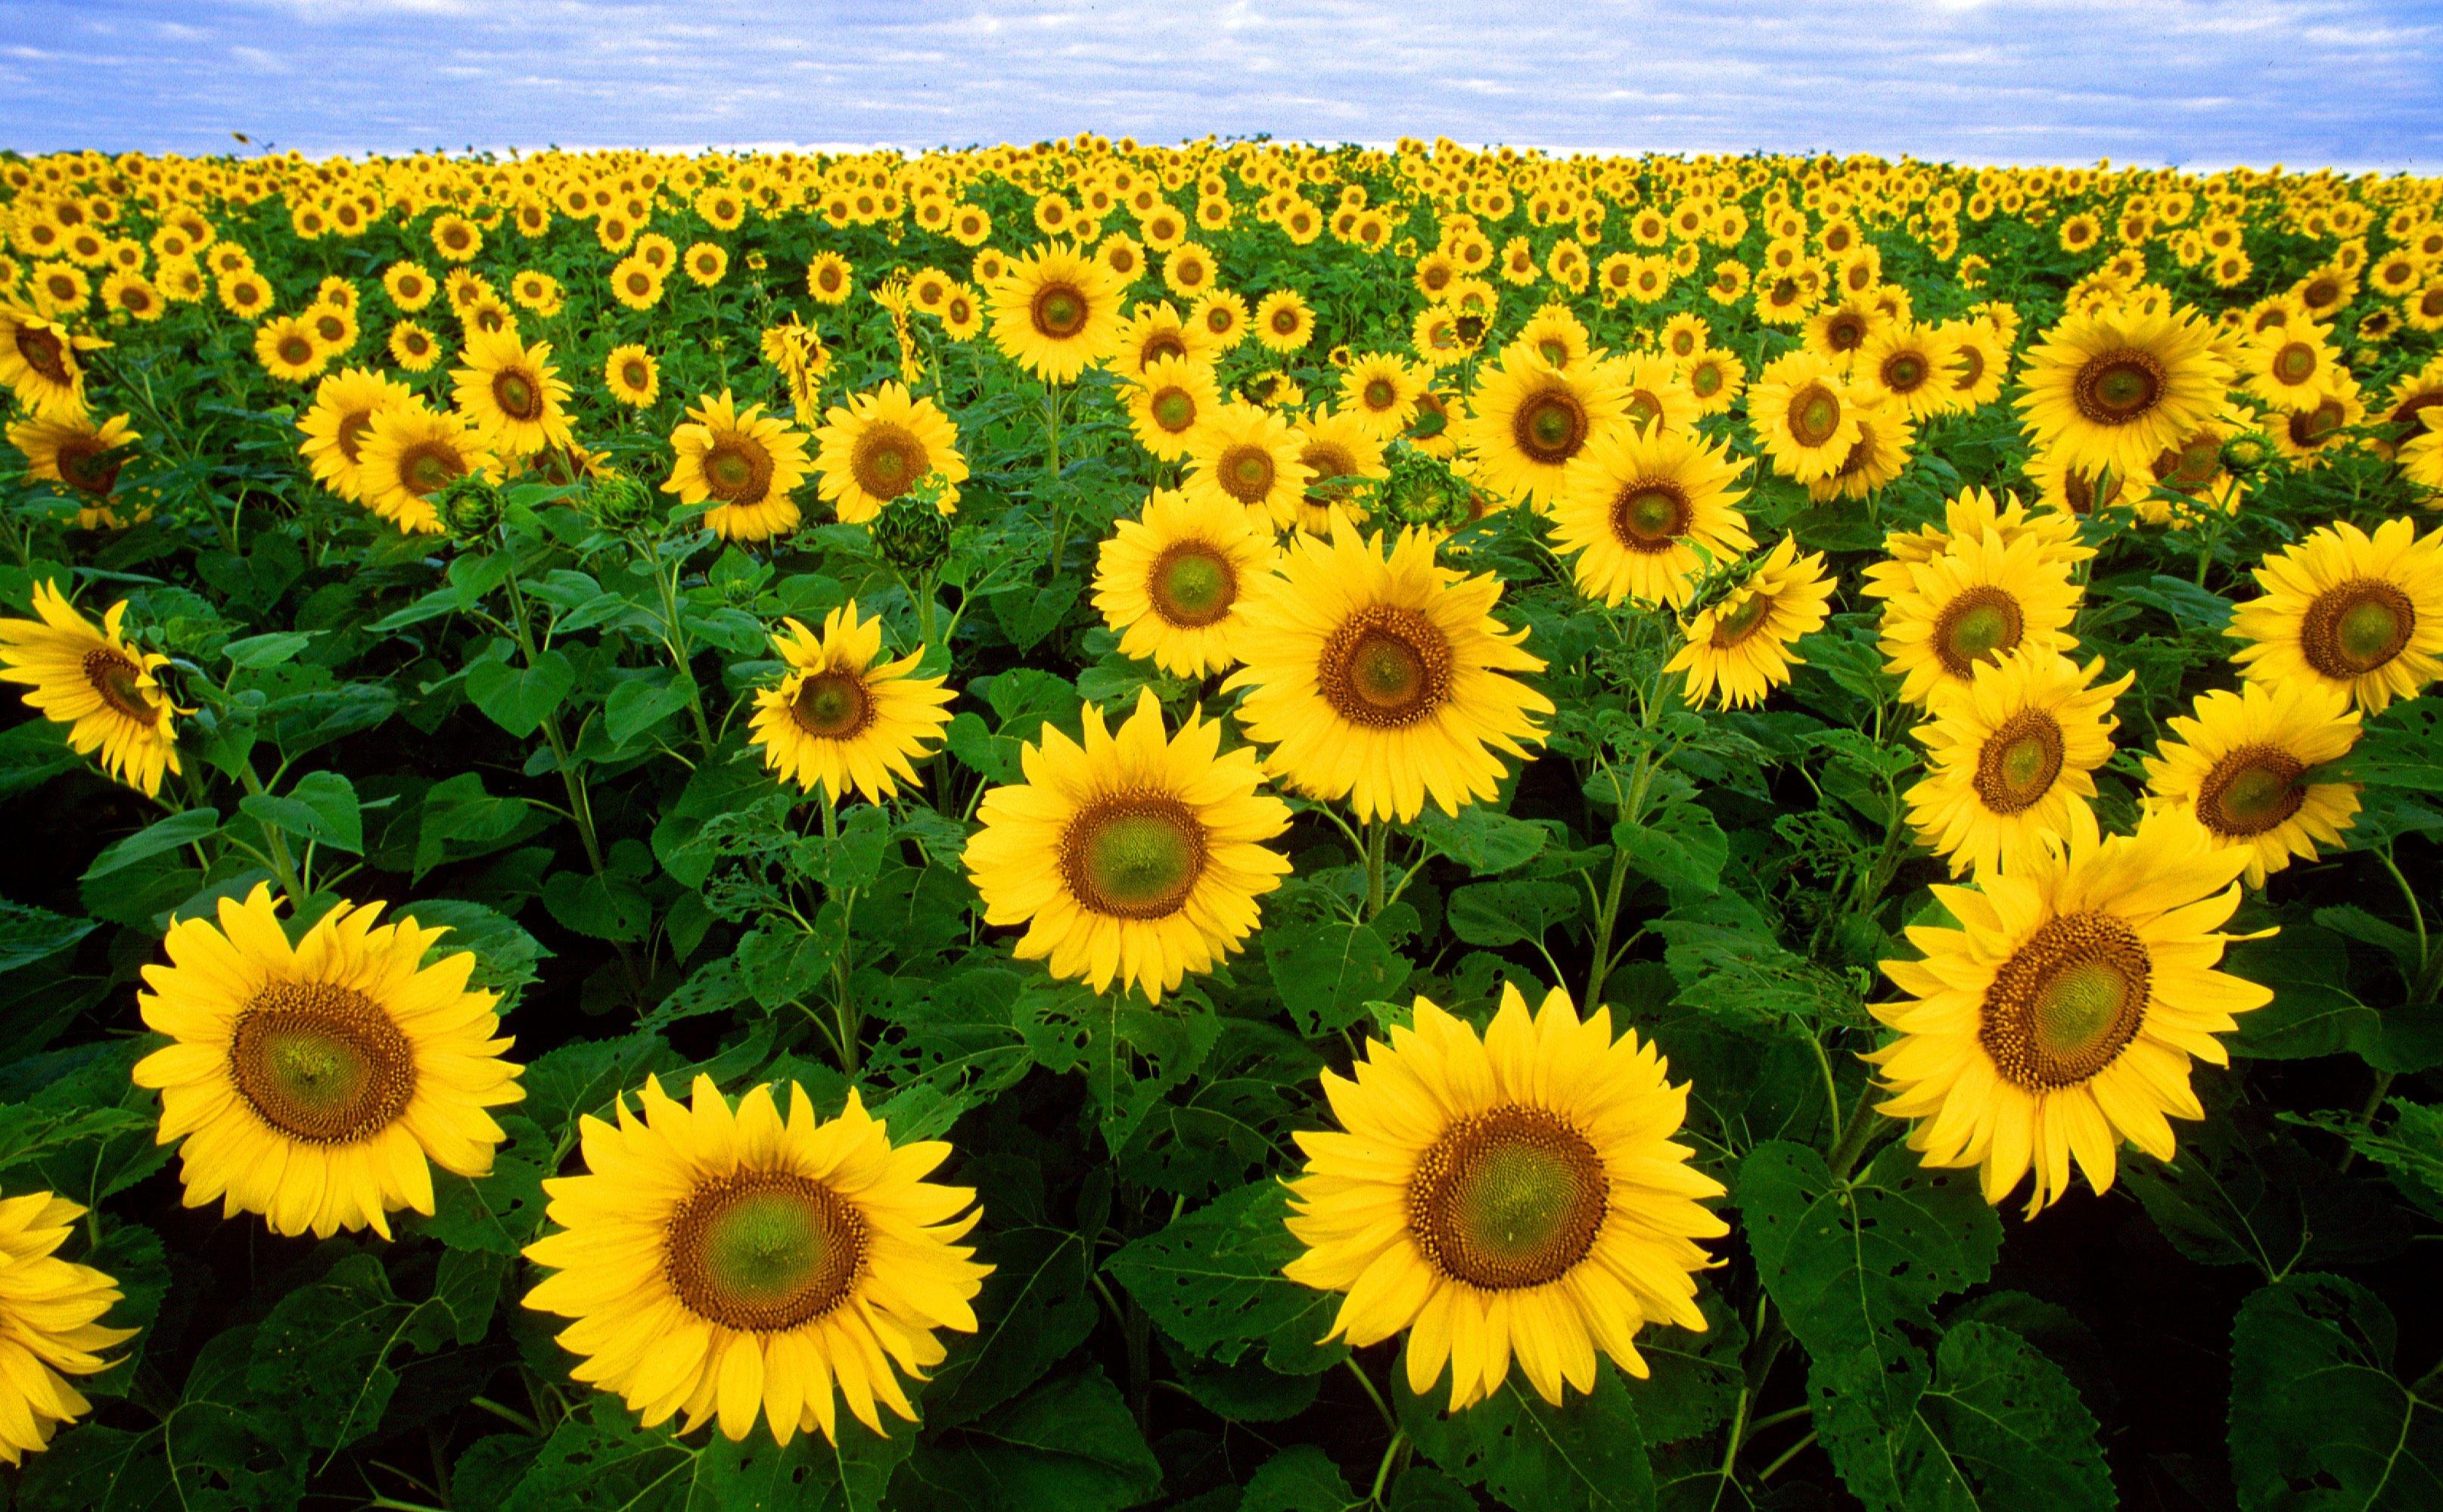 foto sonnenblumen  kostenlose fotos zum ausdrucken  bild